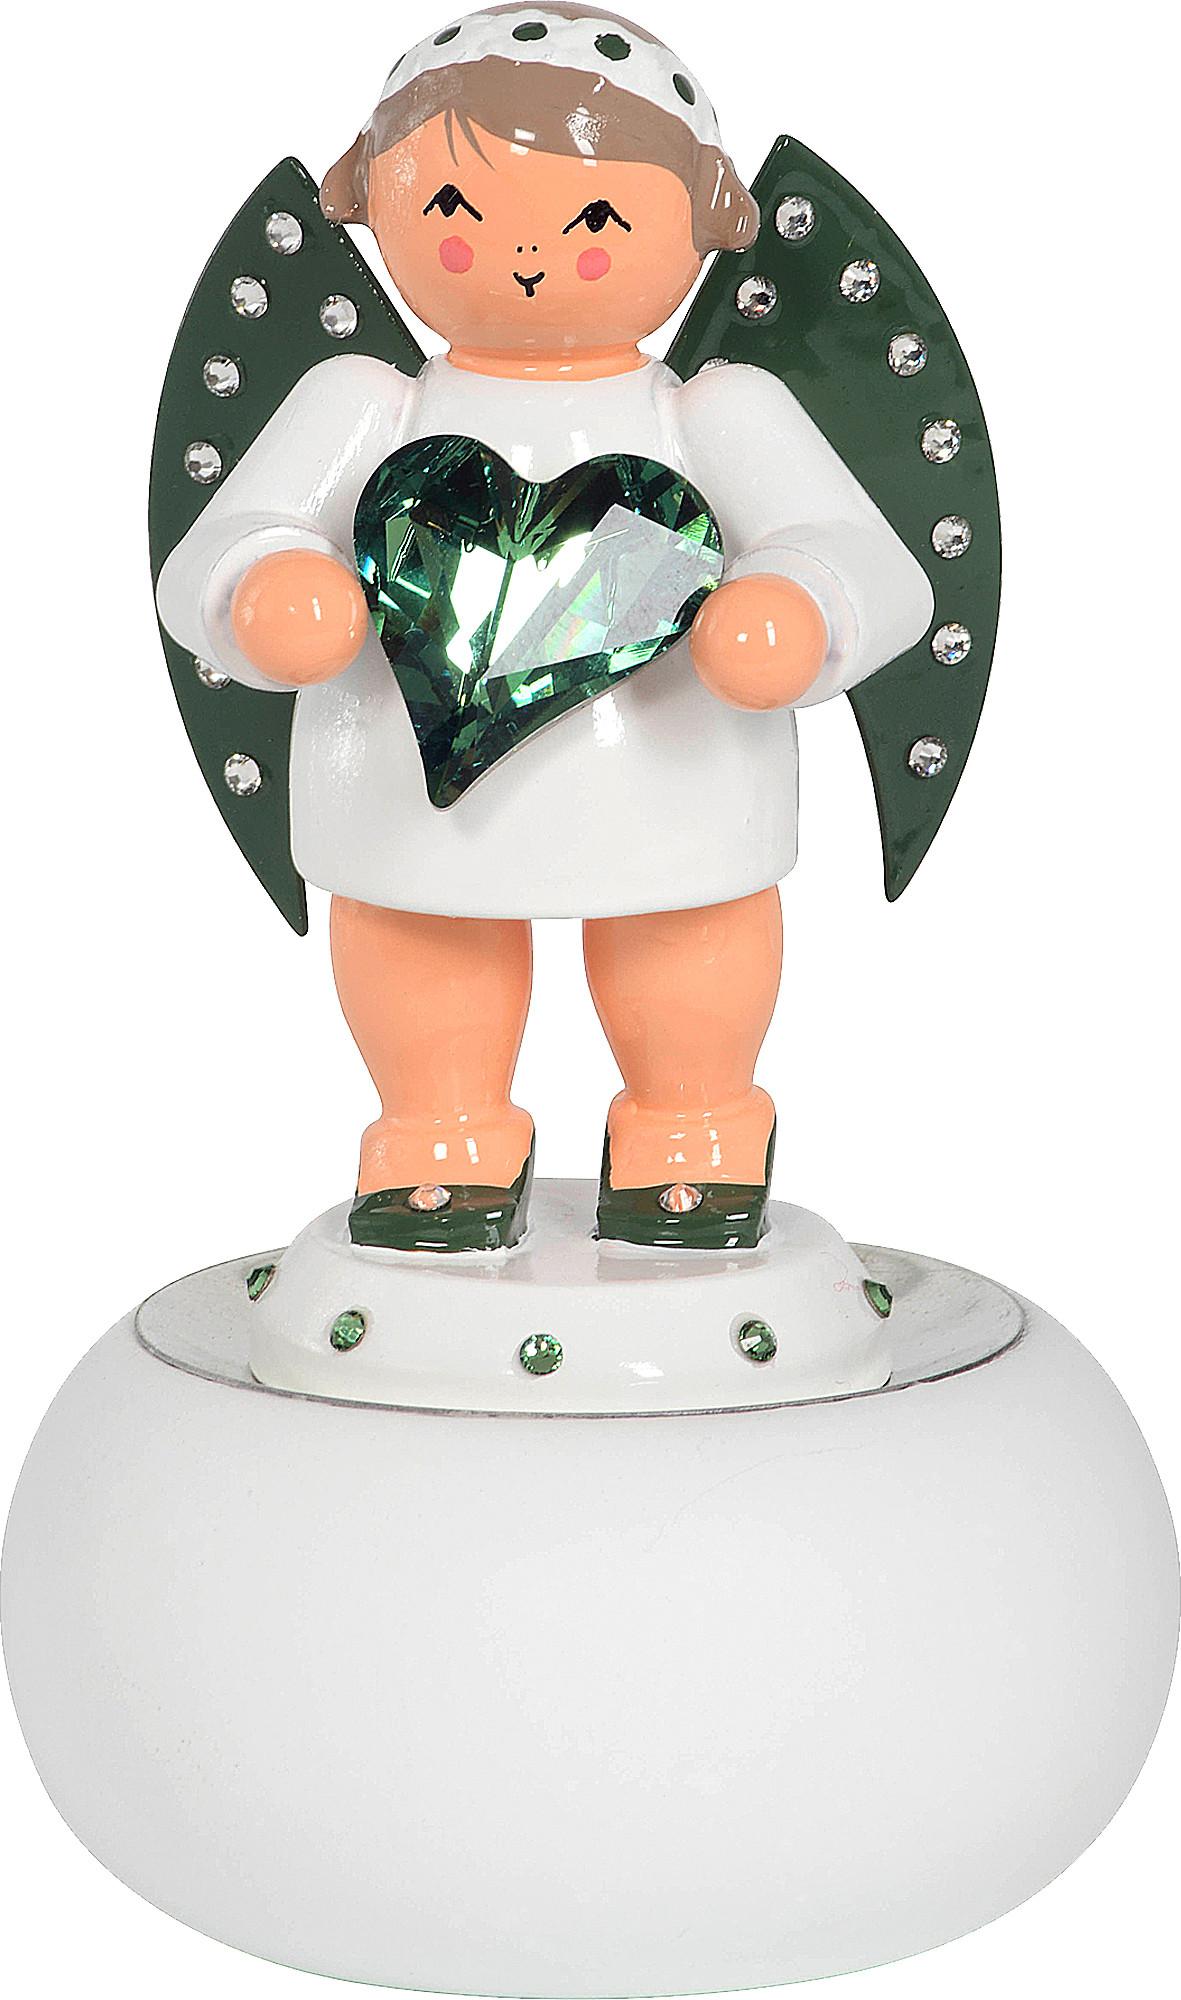 KWO Hoffnungsbote mit grünem Swarovski-Herz - limitiert